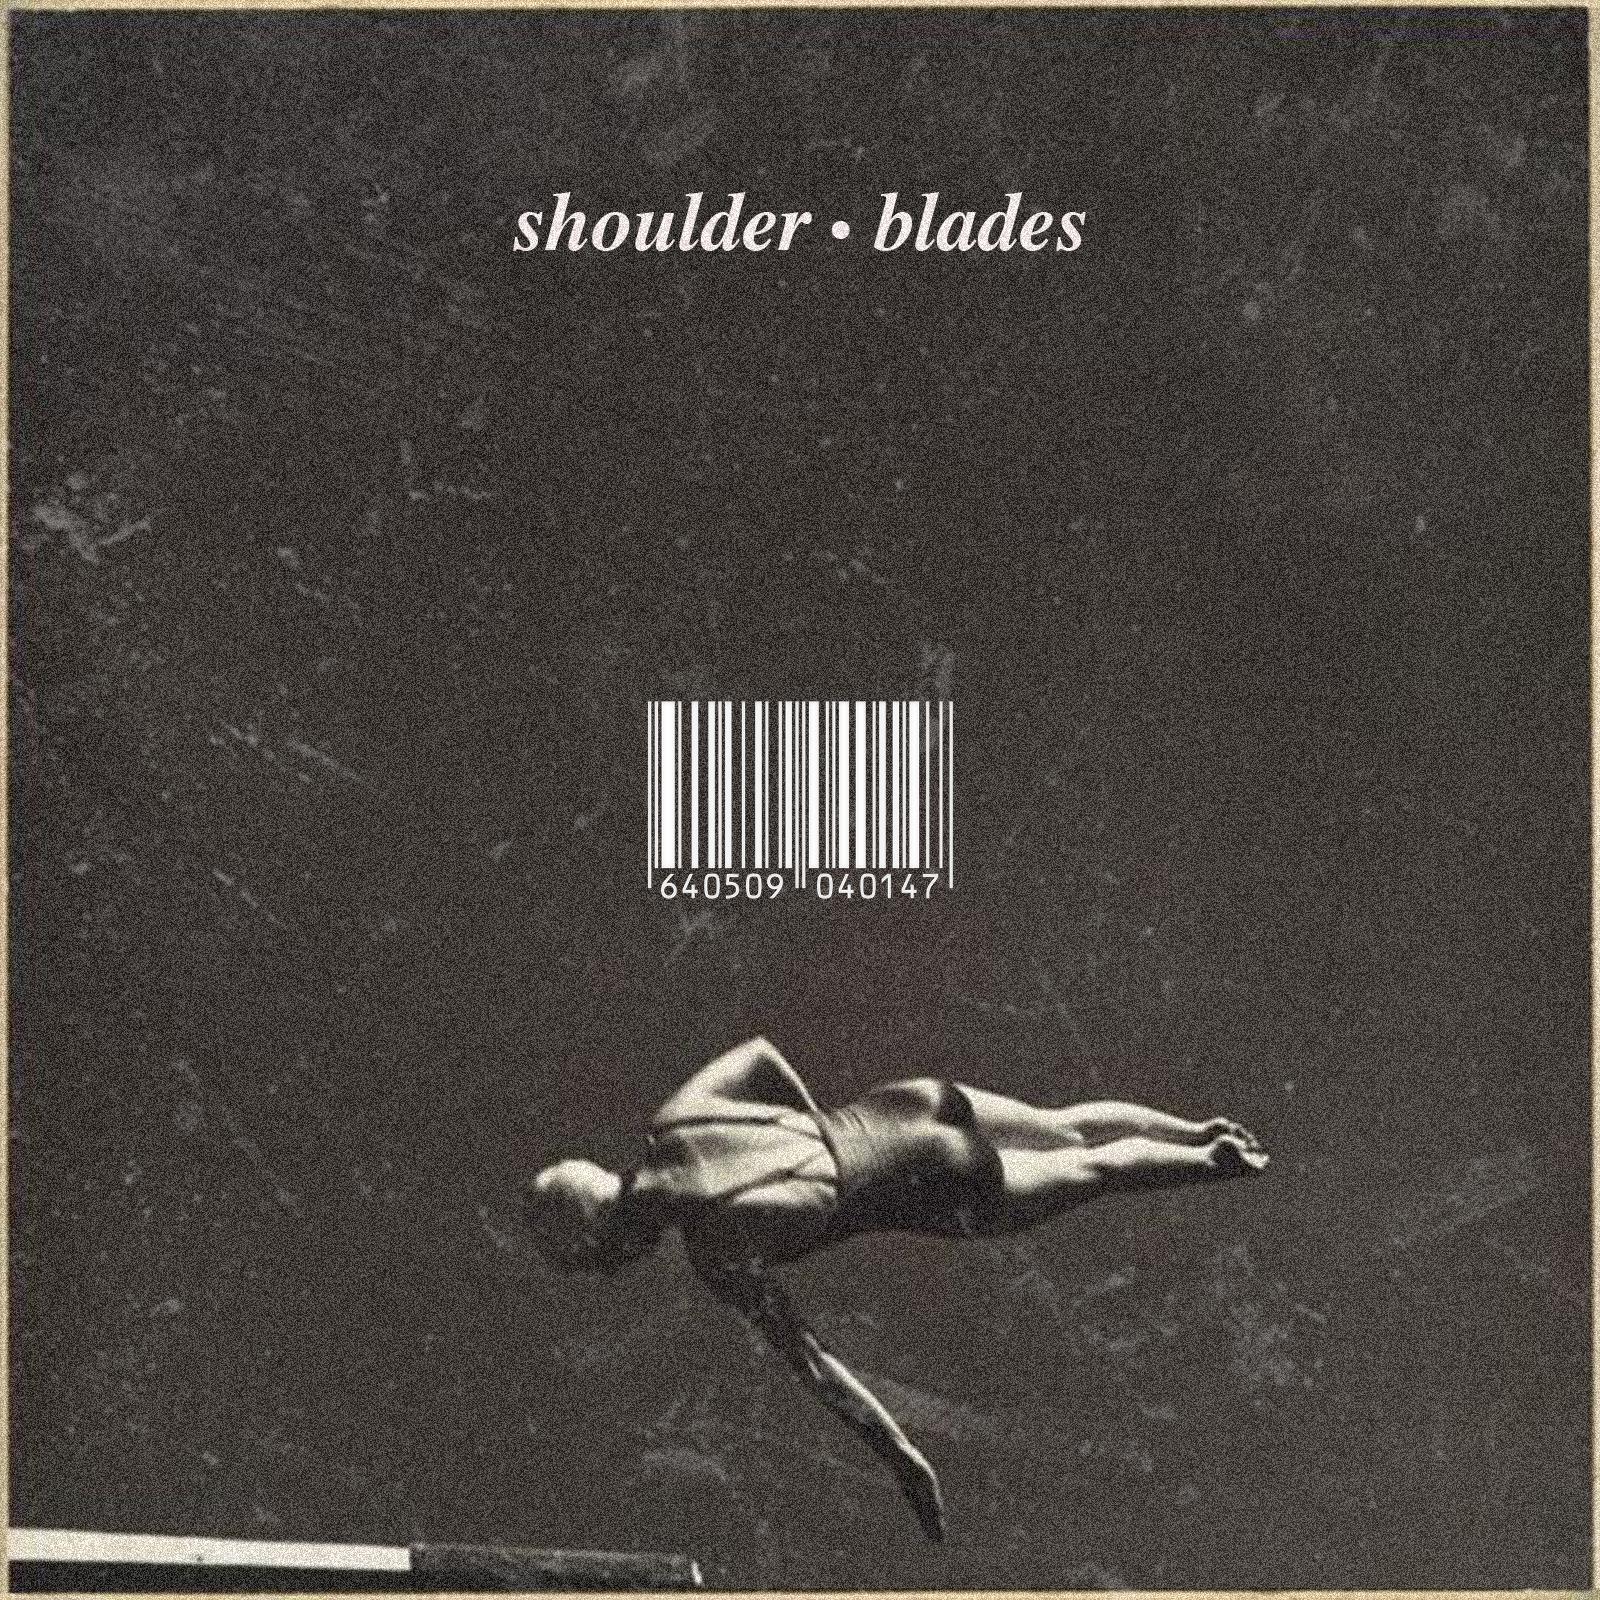 Shoulder Blades - Will Buchanan